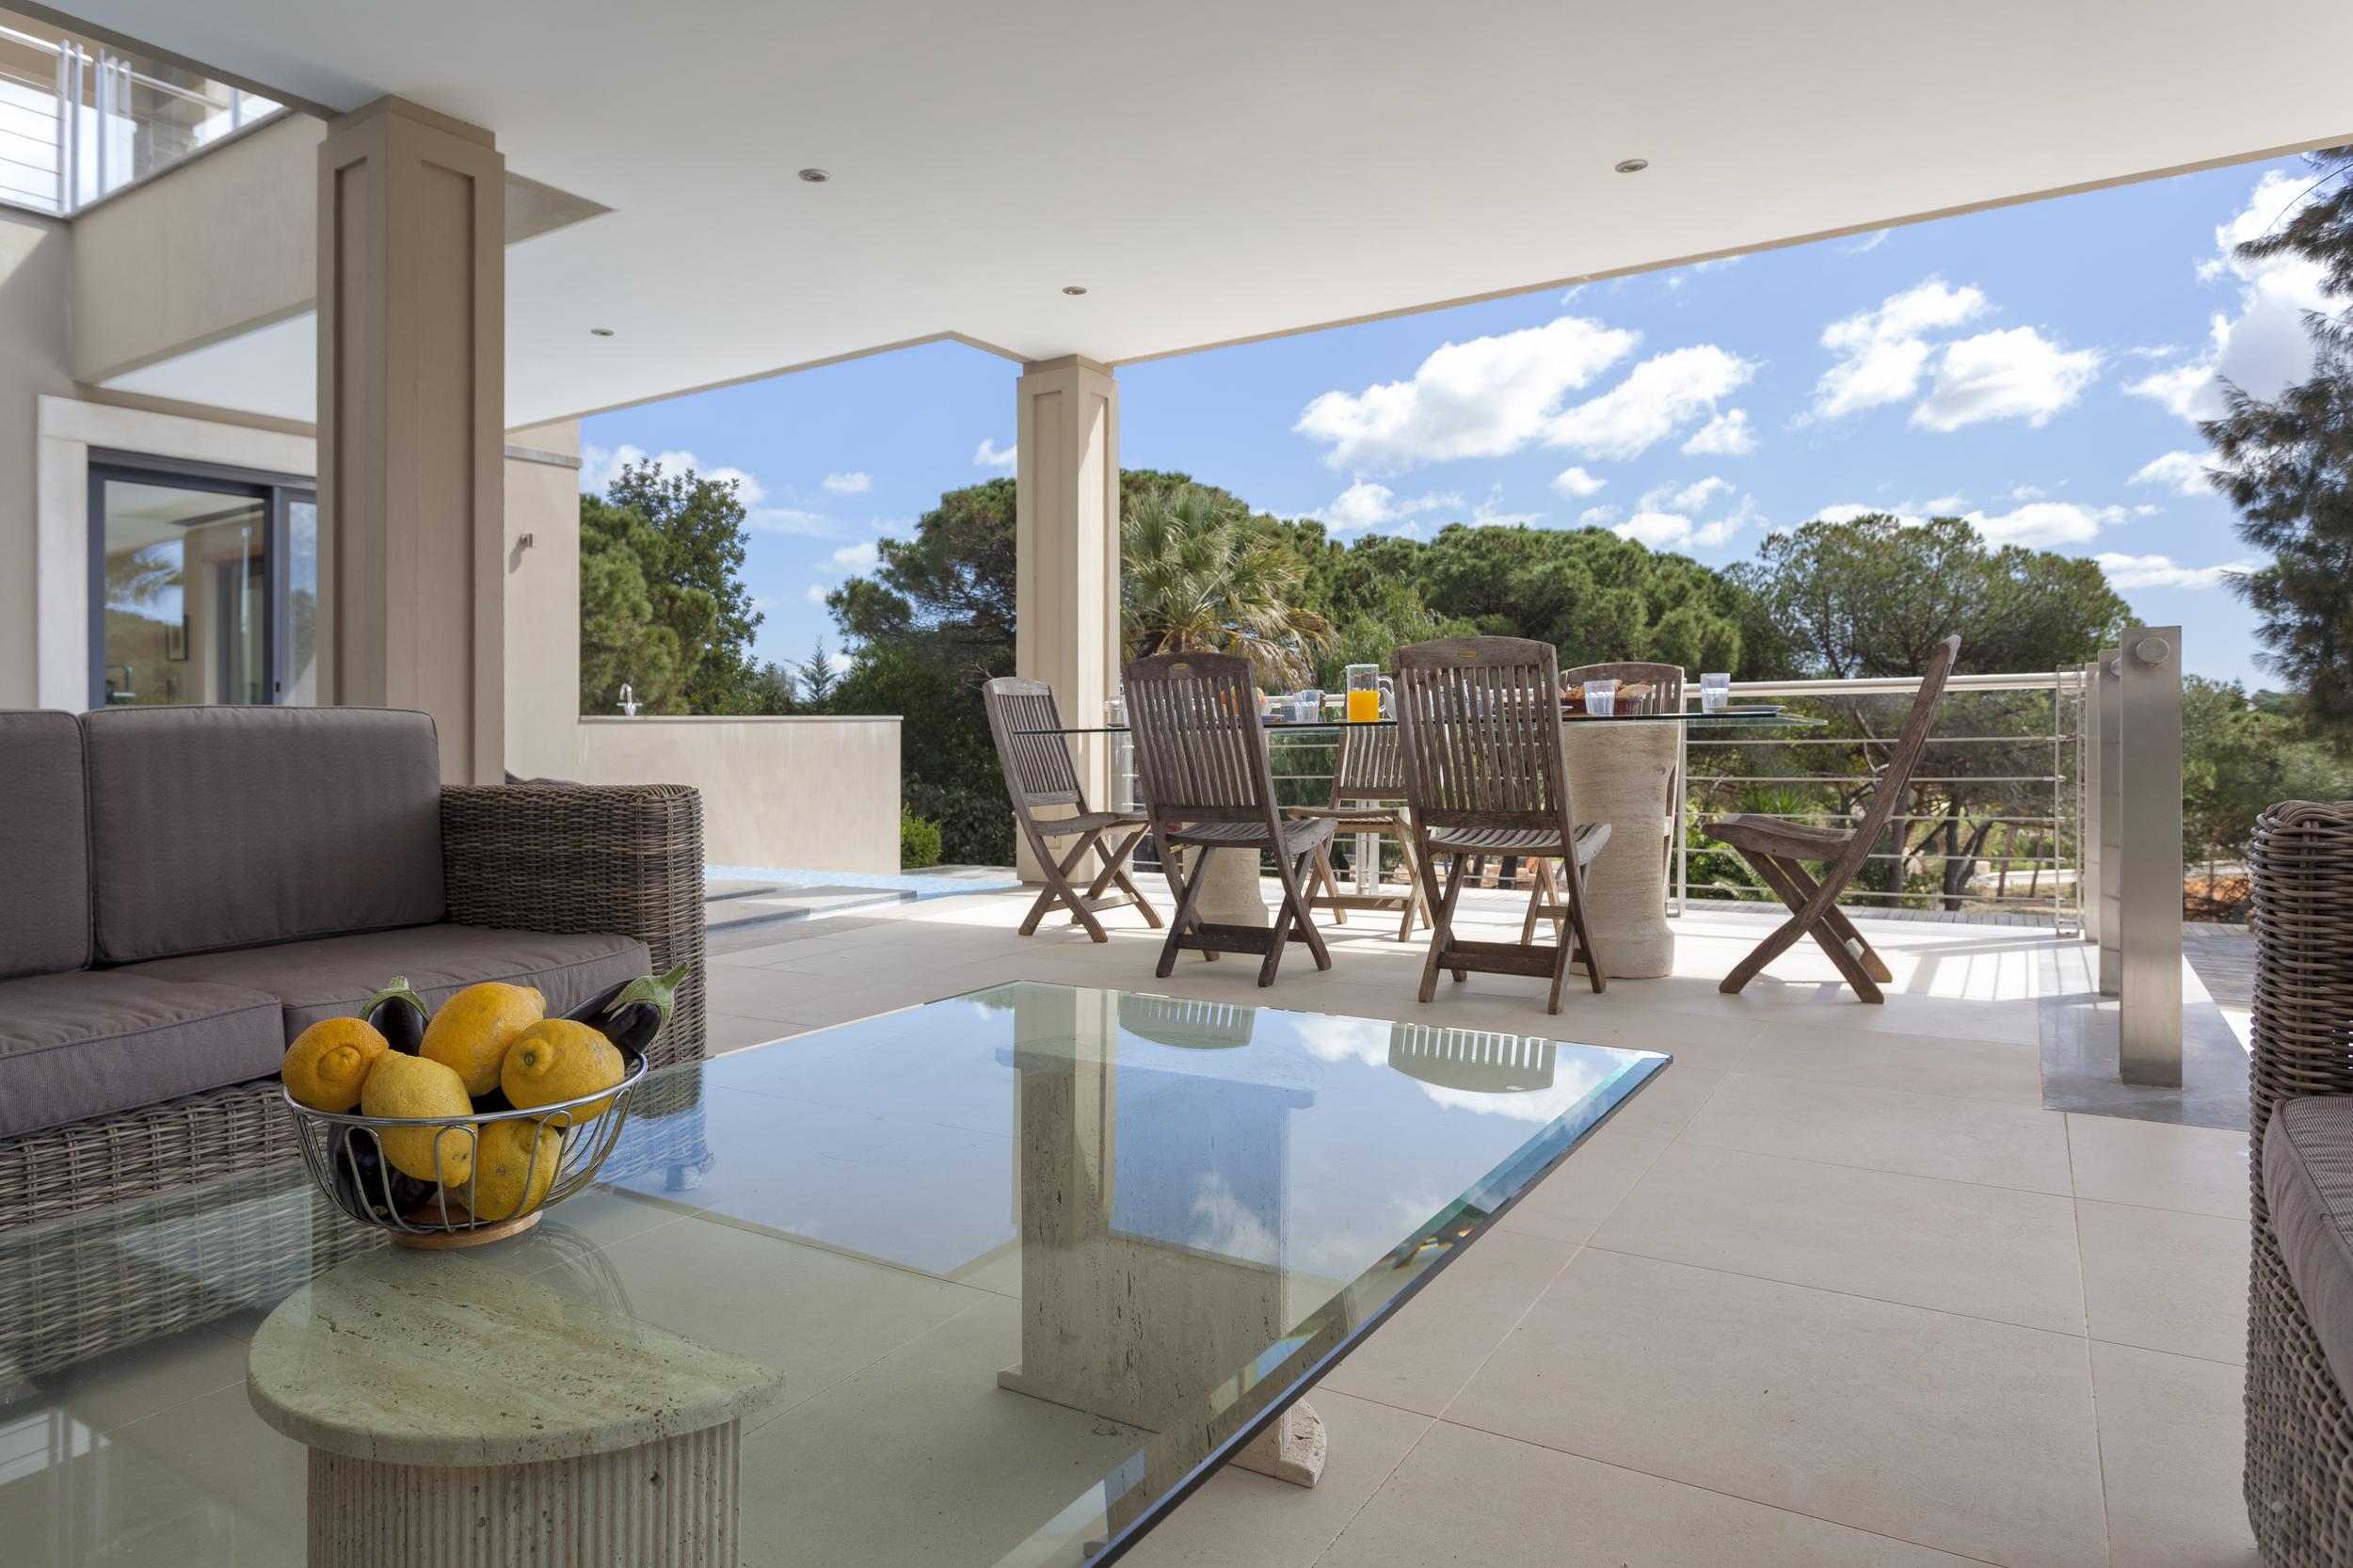 4 bedroom villa to rent in Quinta do Lago, RLV, Villa Serpentine, shaded outside dining.jpg